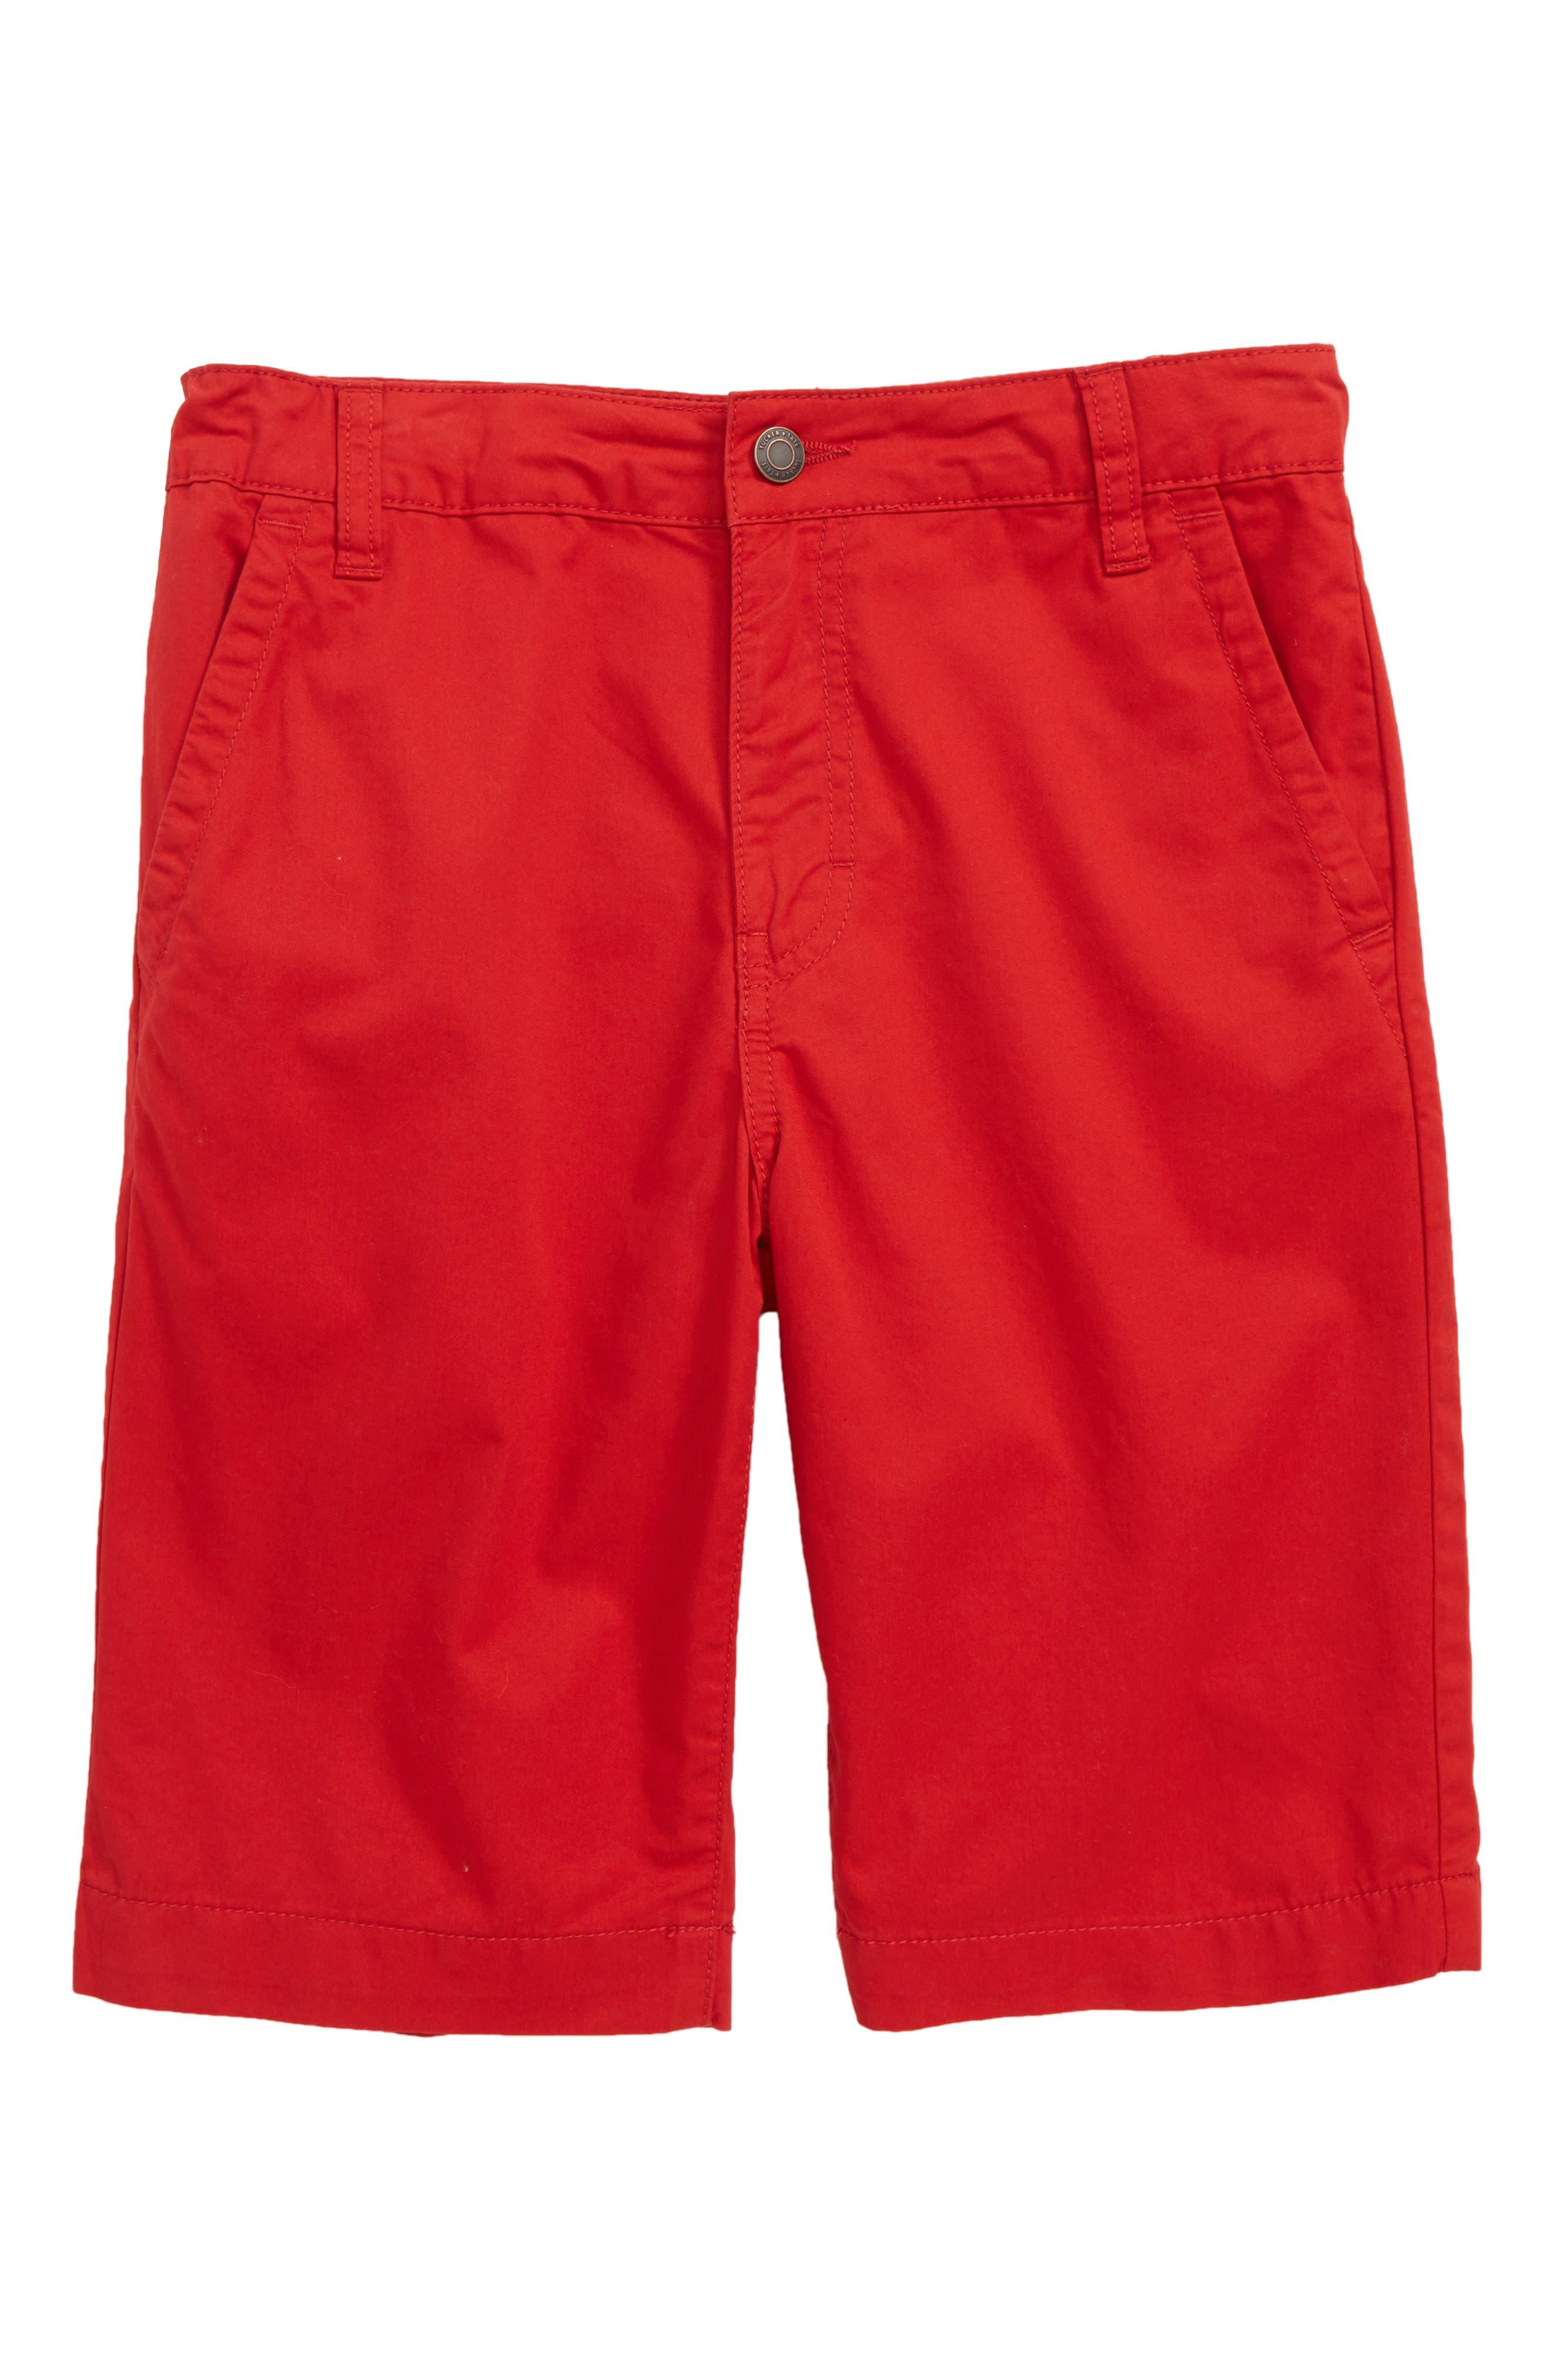 Chino Shorts,                         Main,                         color, Red Samba